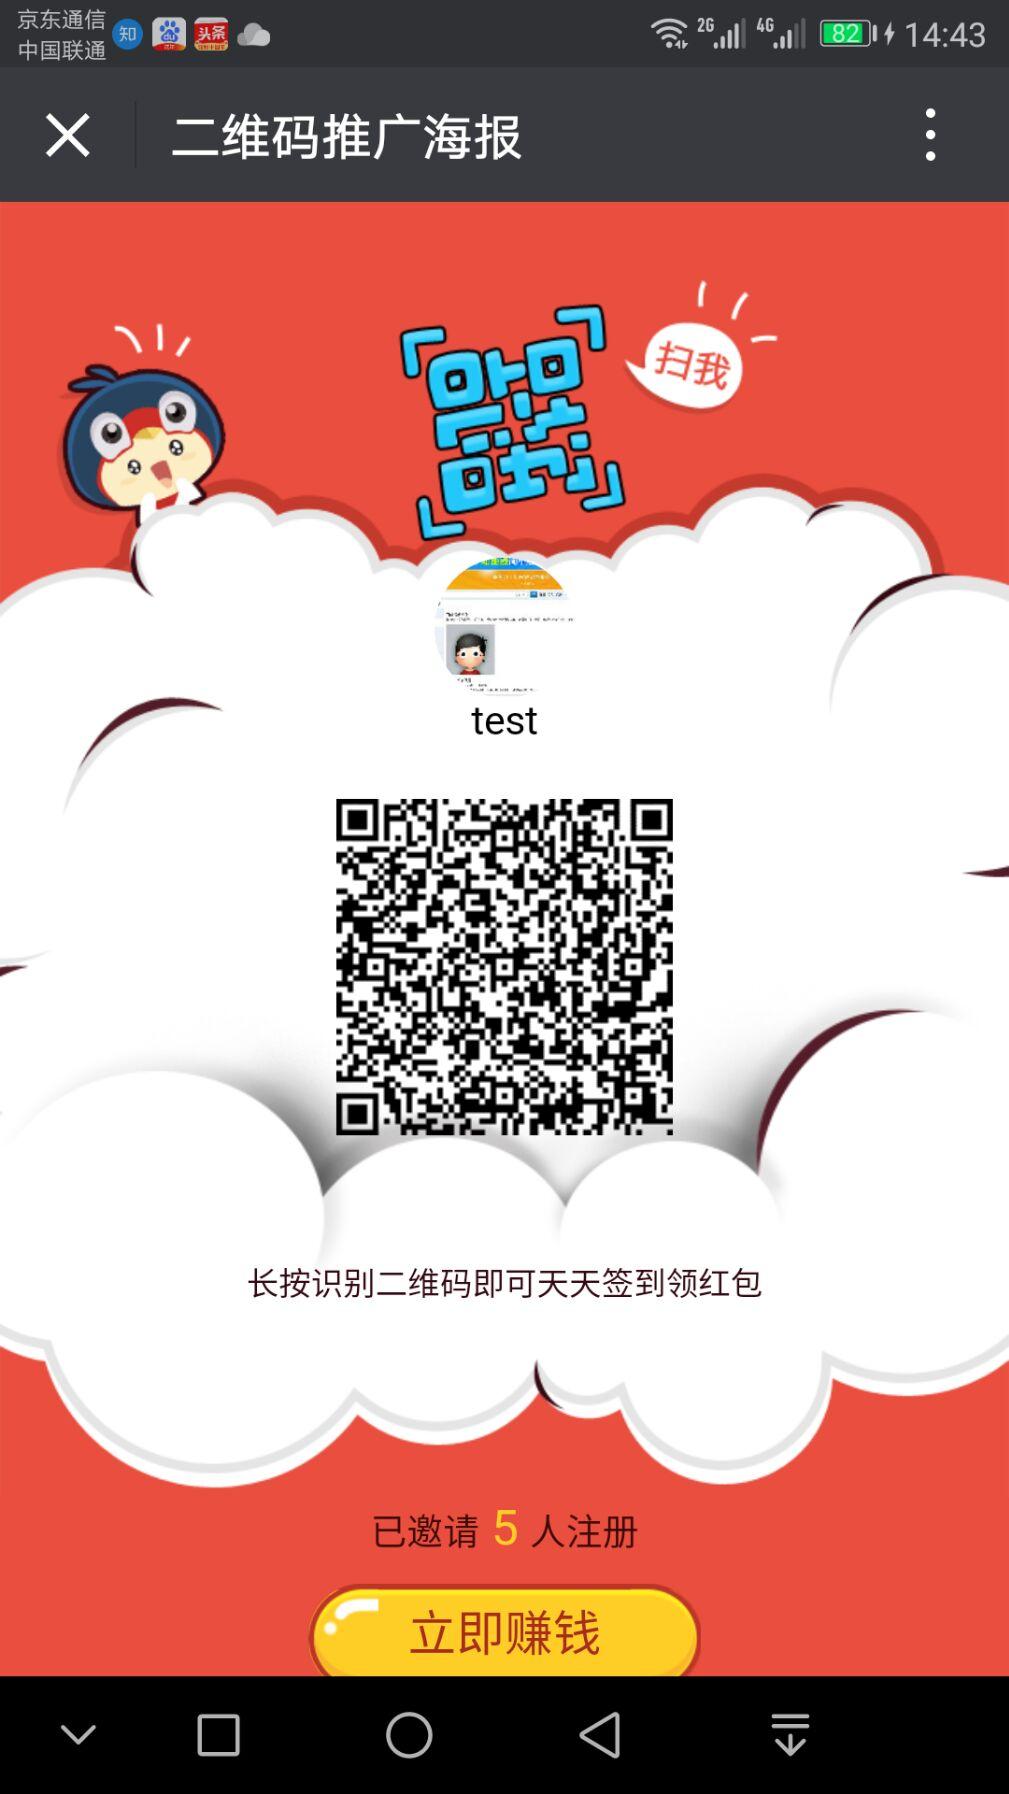 【免费下载】二维码推广海报 邀请注册1.0-菜鸟源码资源站